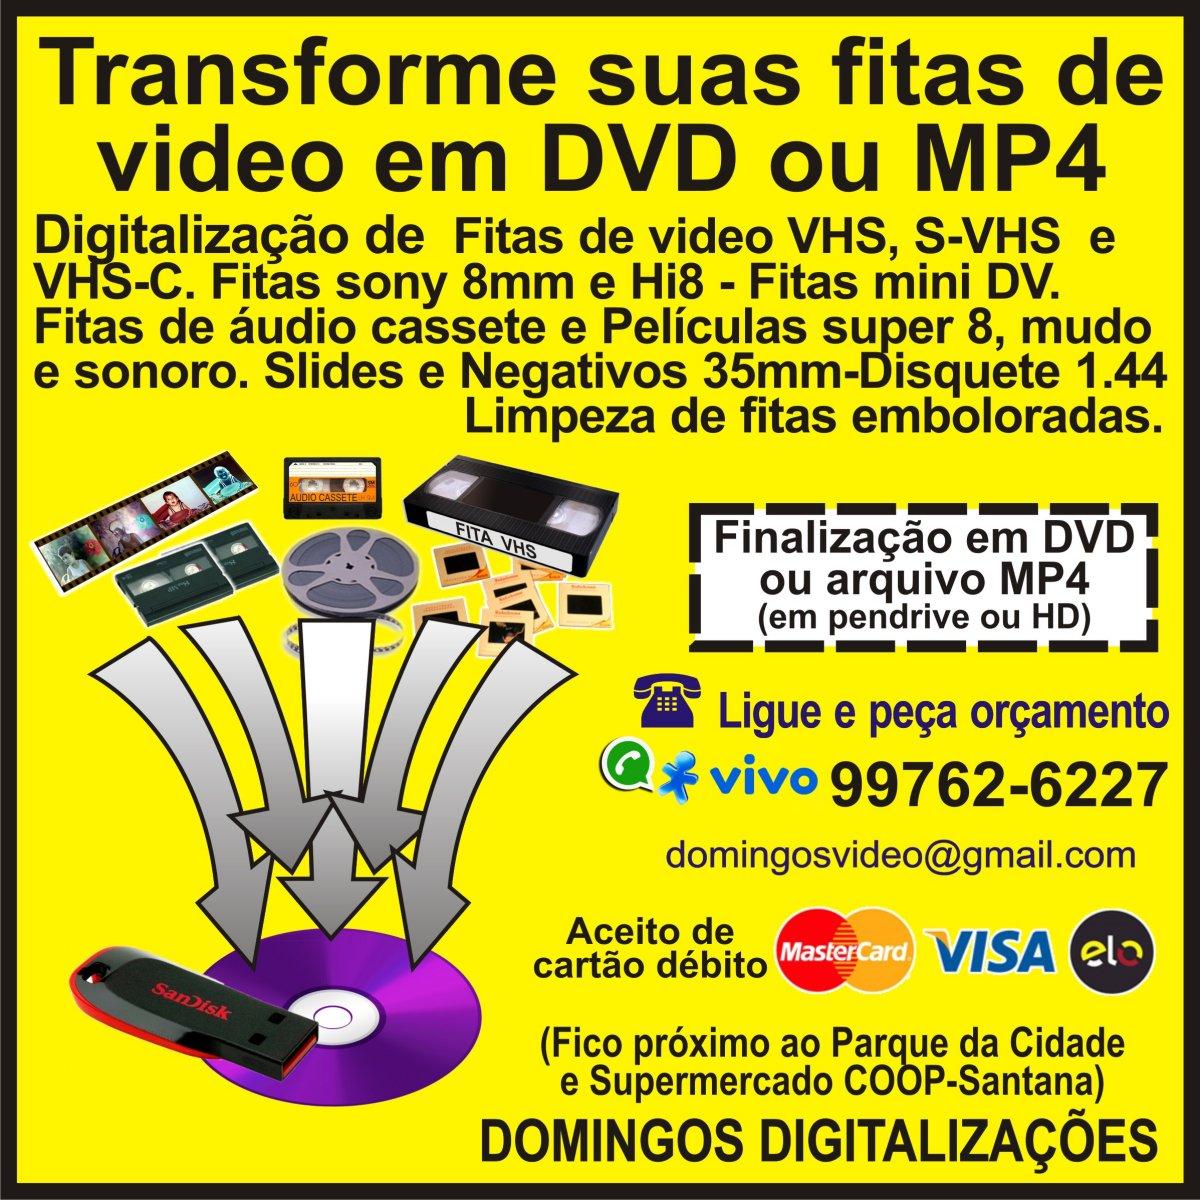 guia sjc, CÓPIAS DE FITAS VHS PARA DVD OU ARQUIVO MP4